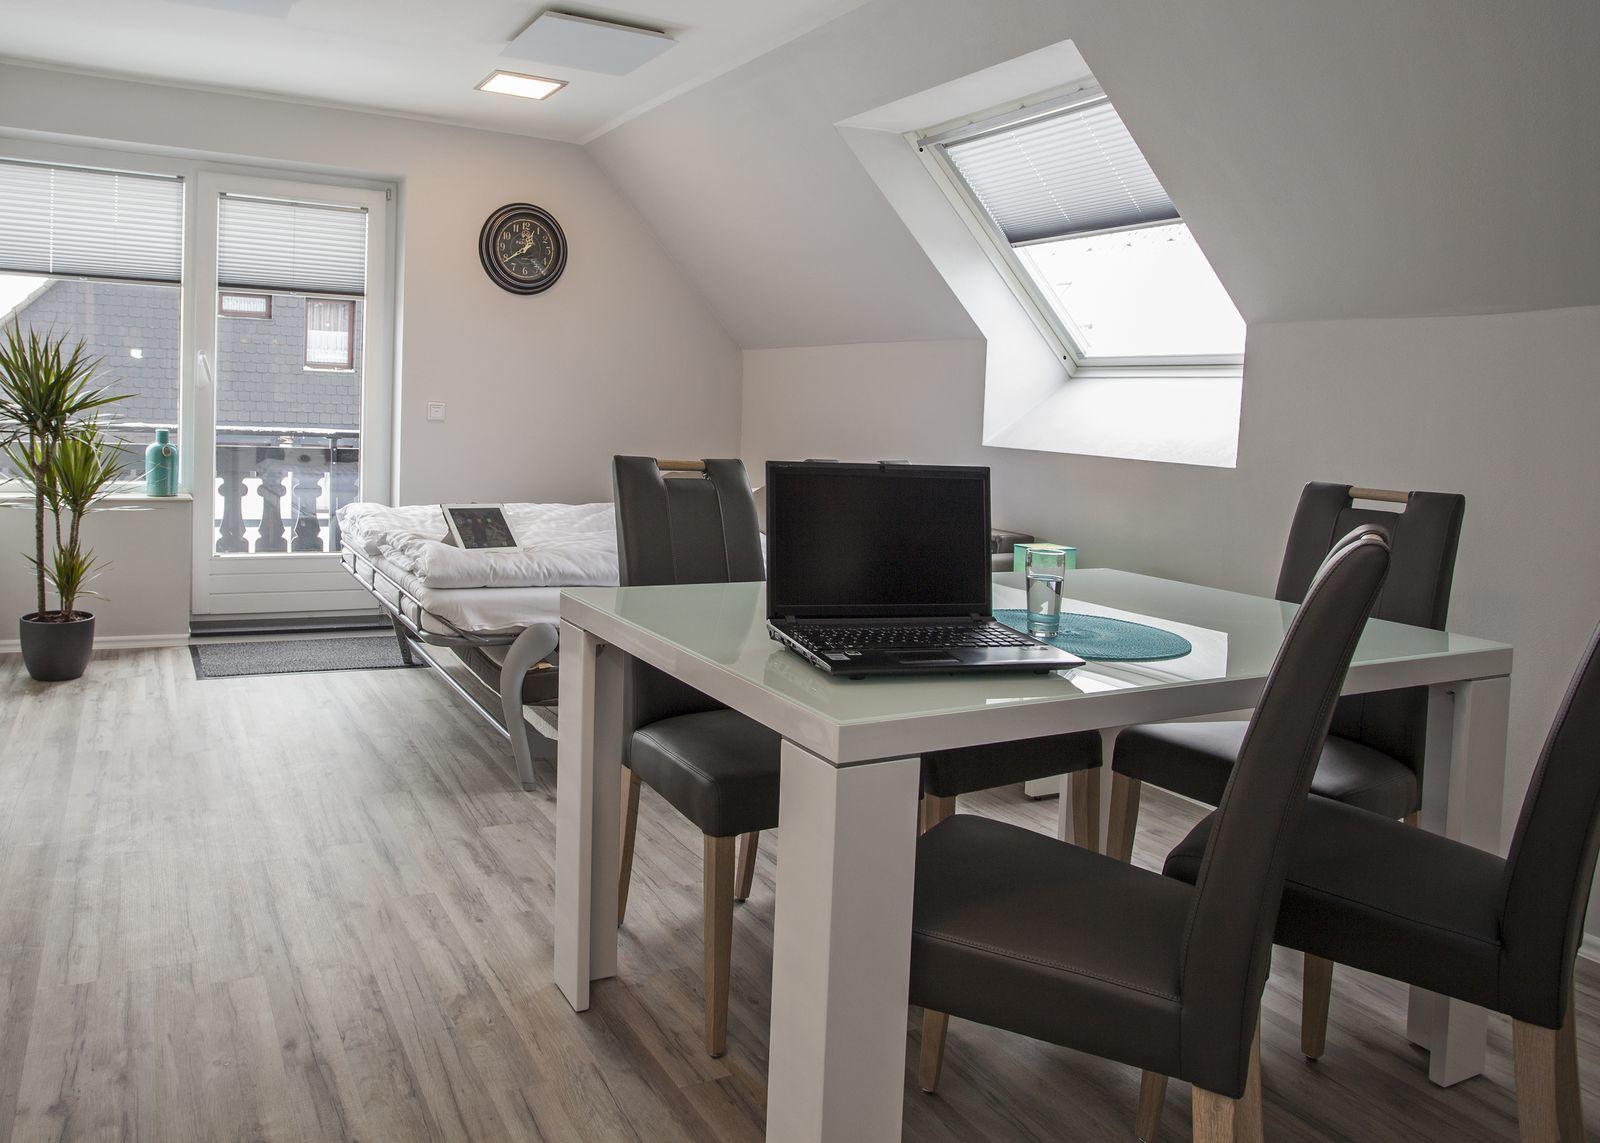 Appartement - Comfort 5 Personen